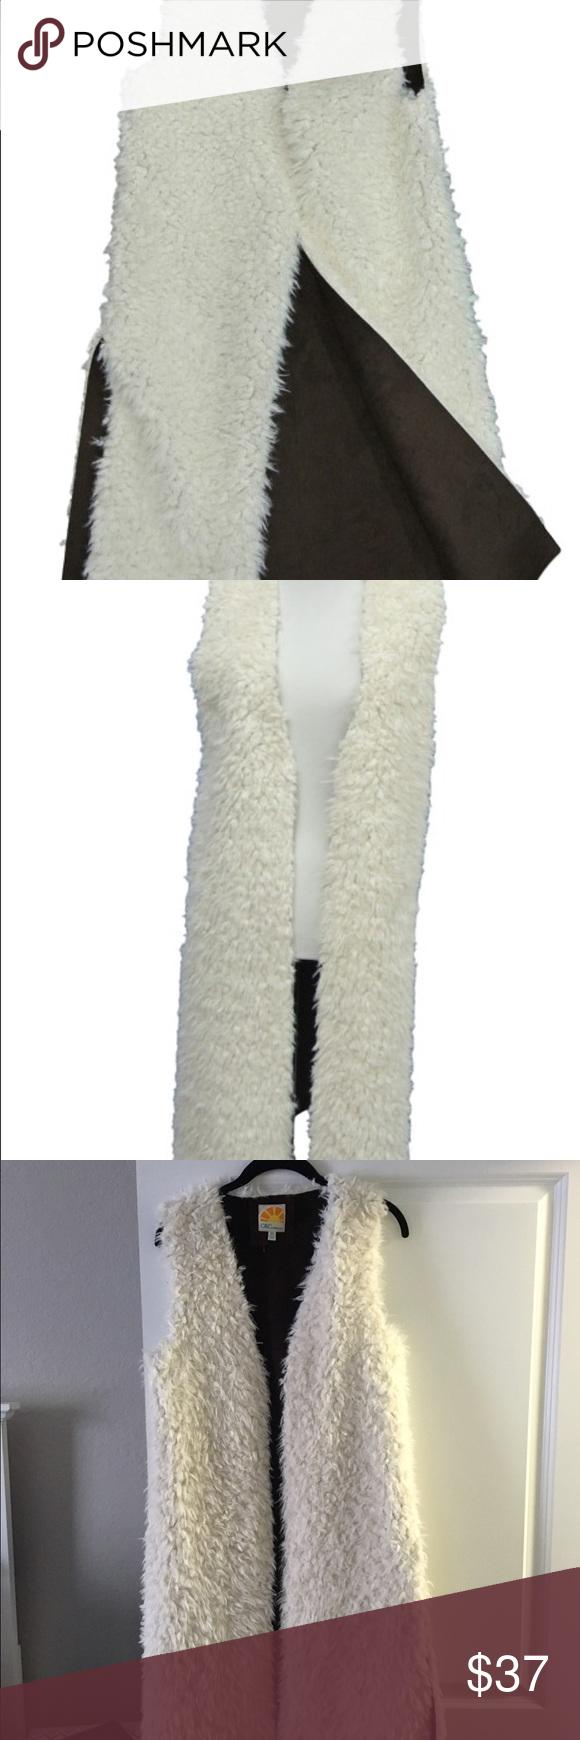 Faux fur vest C&C California faux shearling long vest C&C California Jackets & Coats Vests